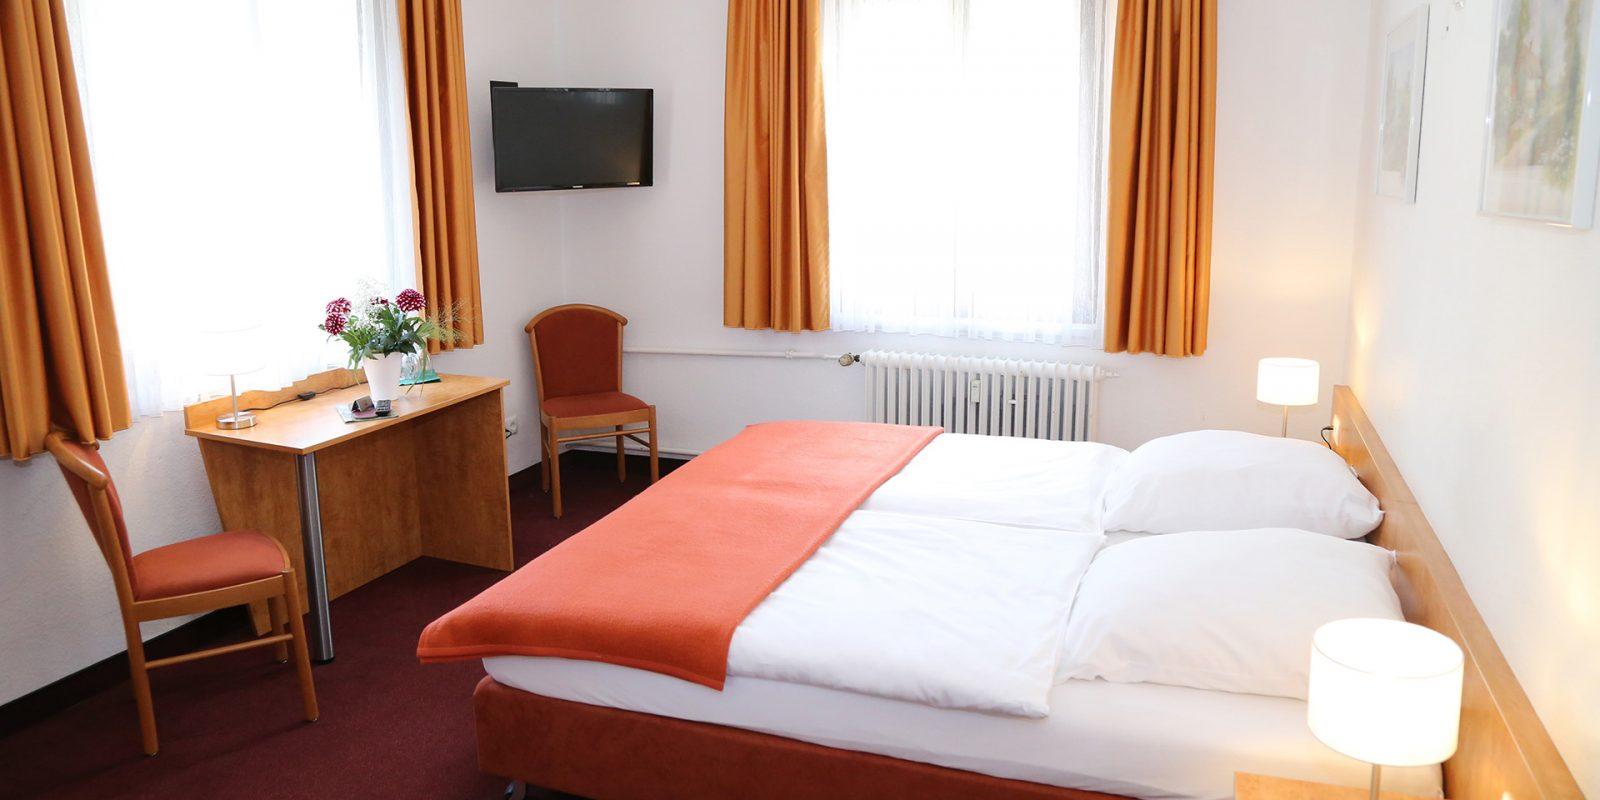 Hotel Bonn Standard Doppelzimmer